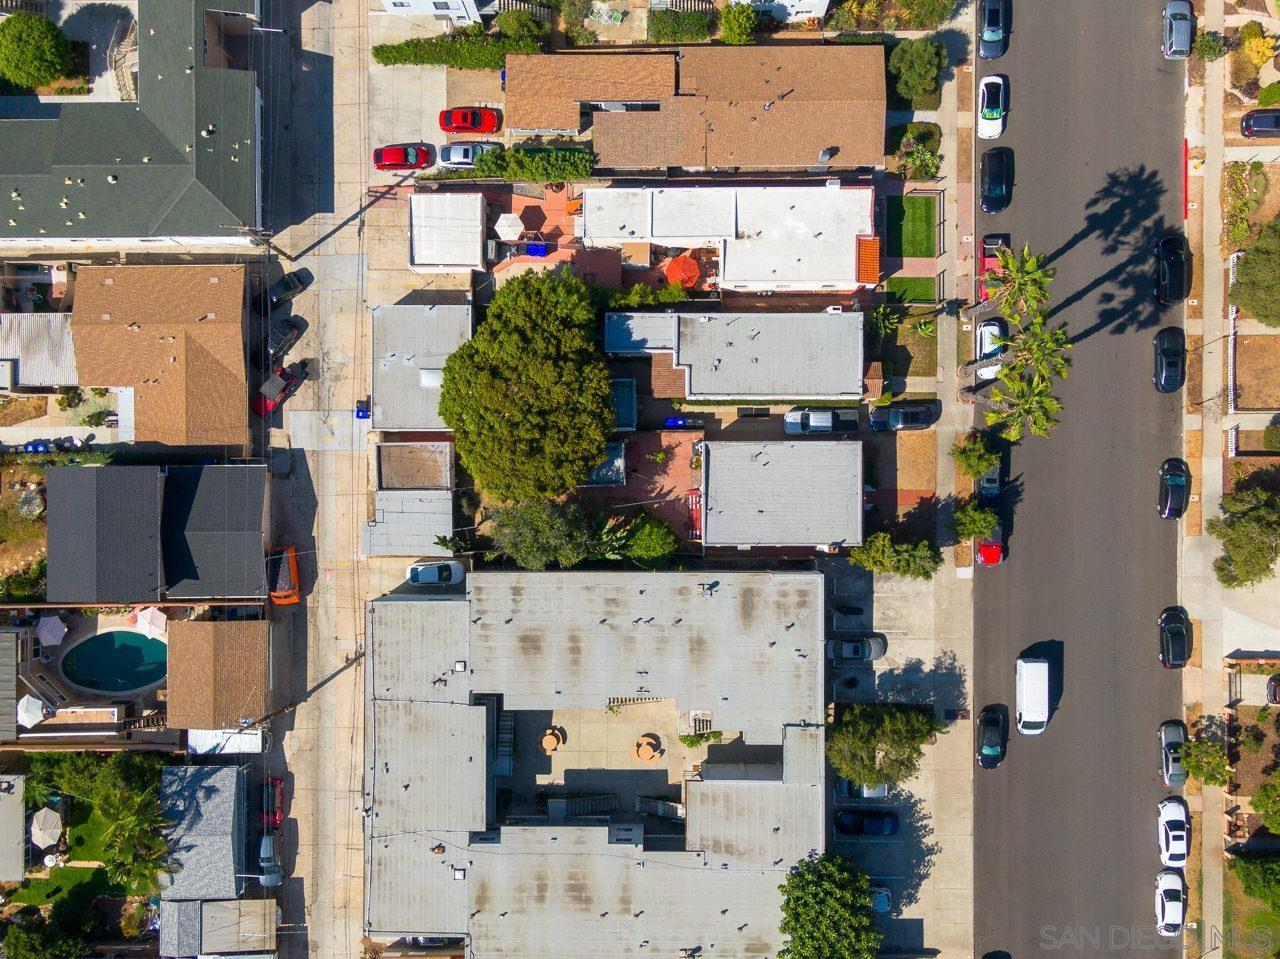 4440 Mississippi Street, San Diego, CA 92116